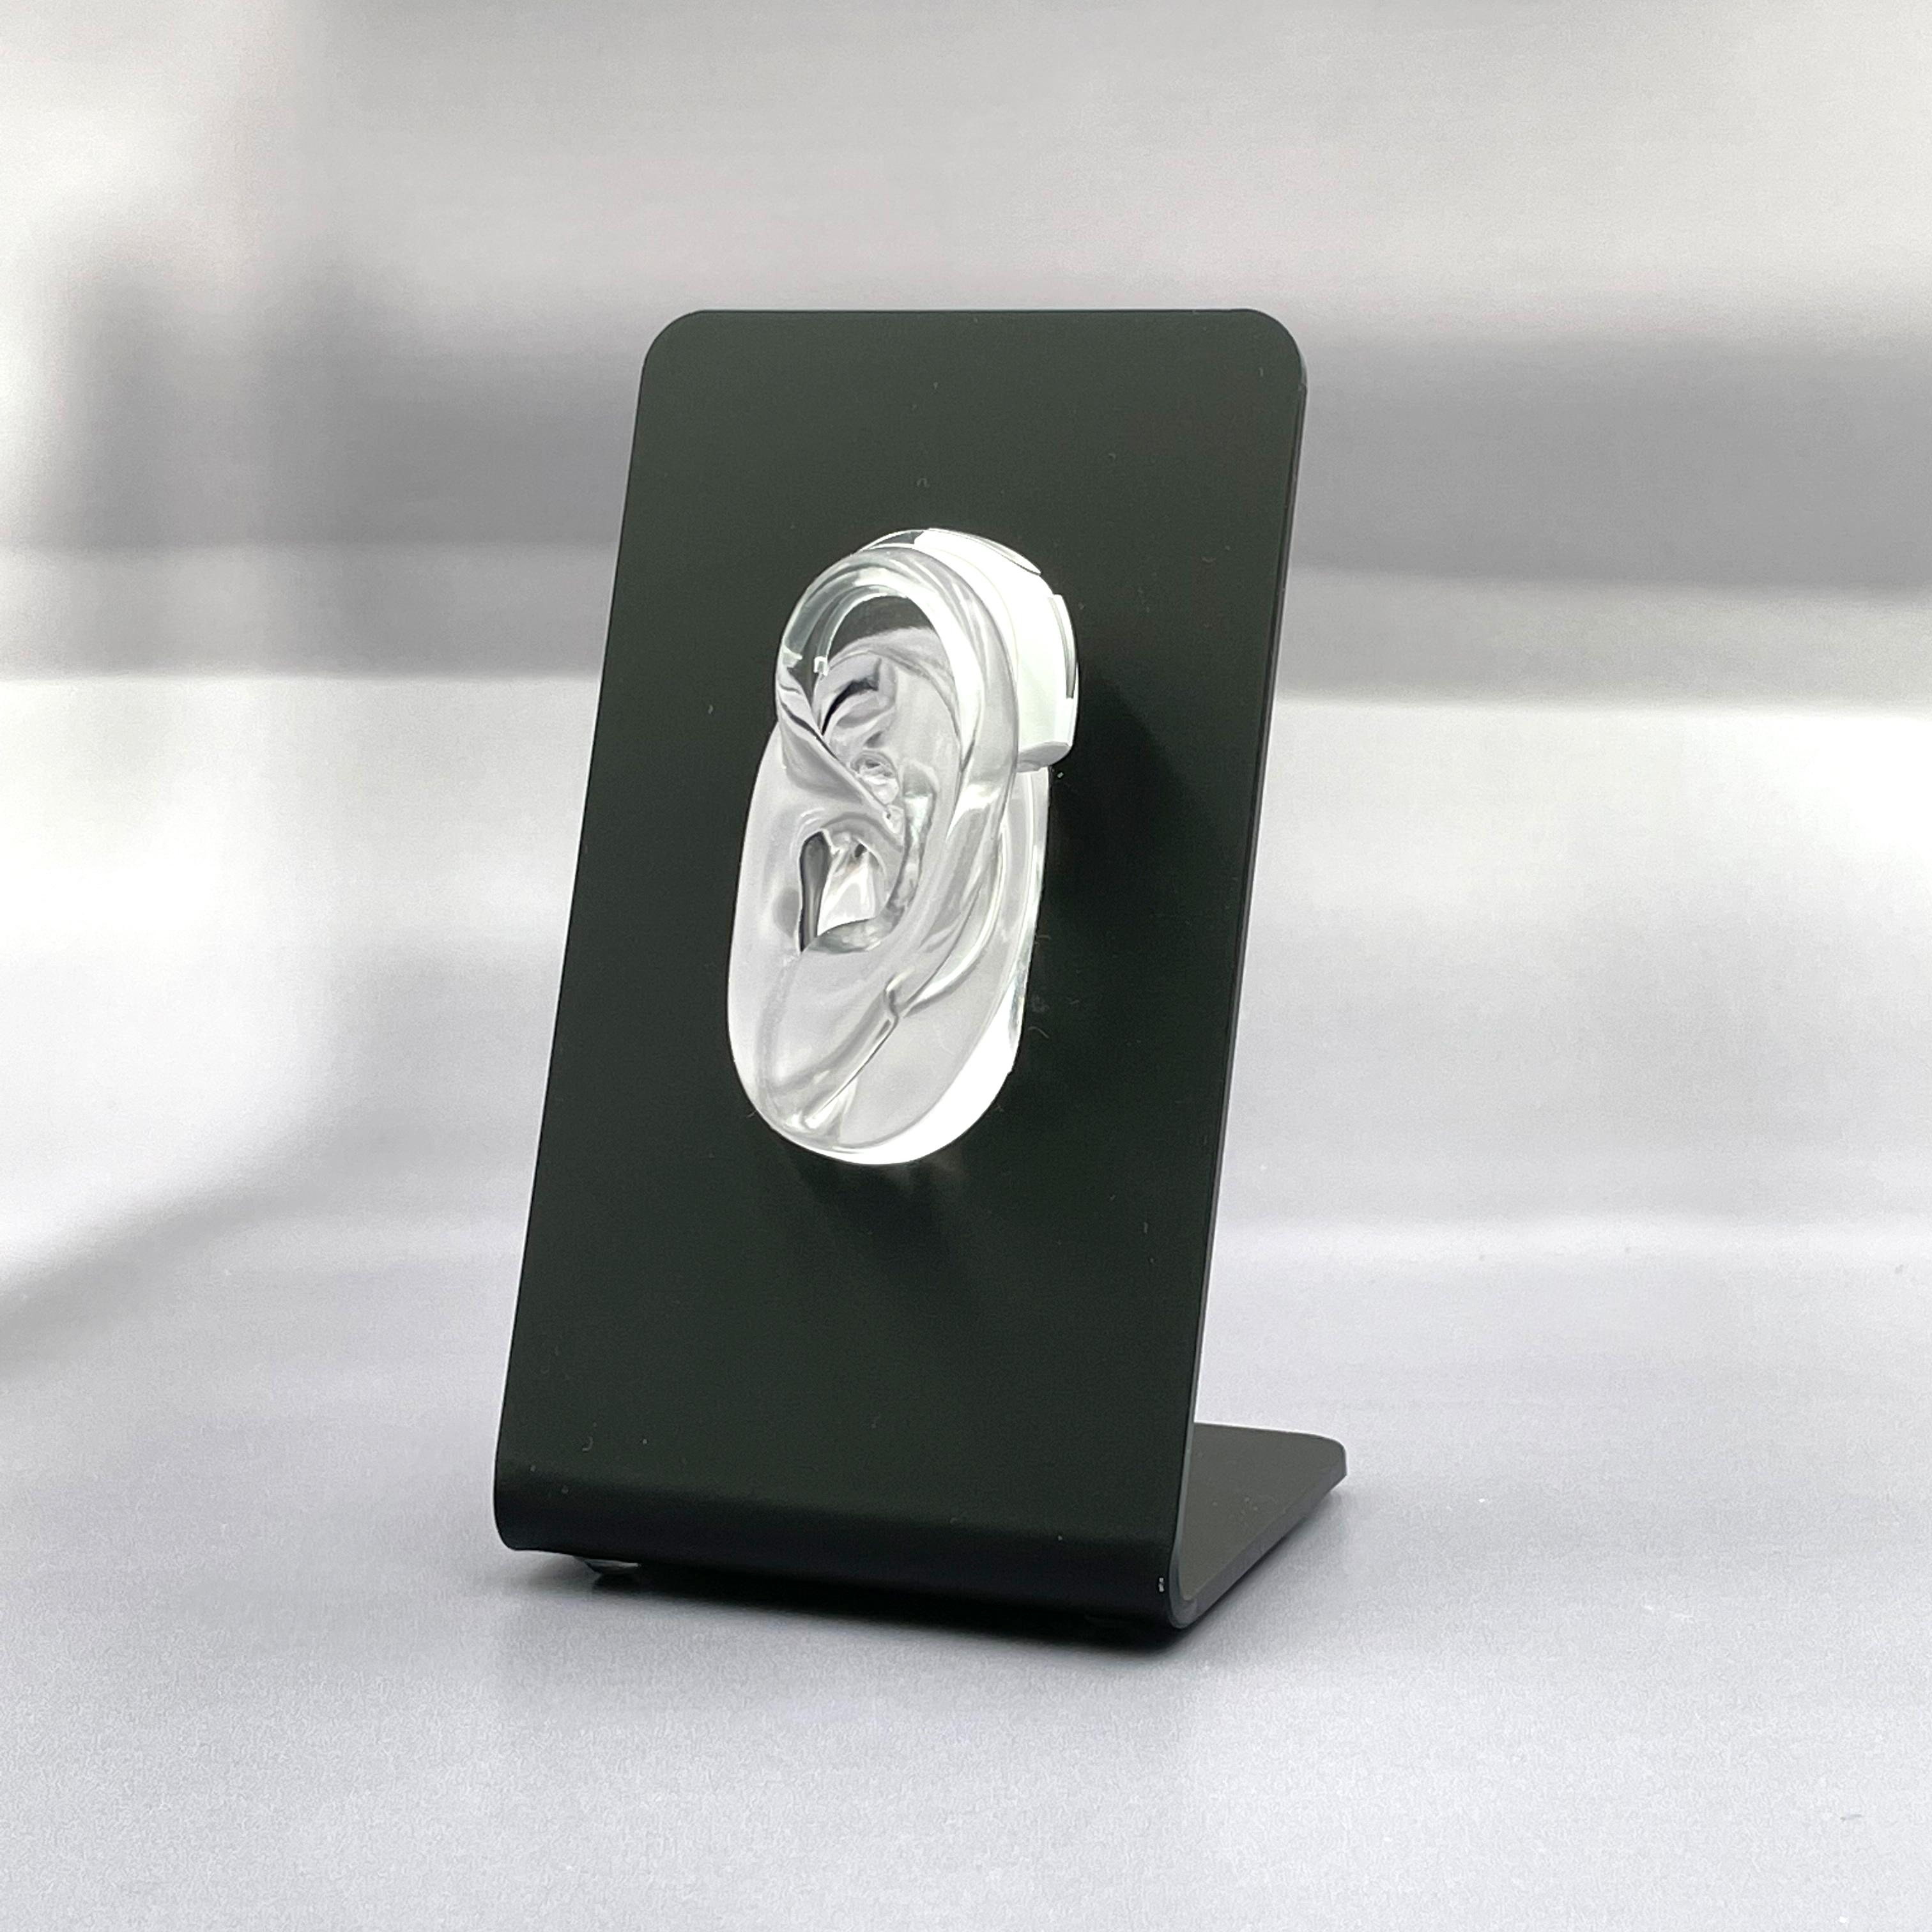 Ohrständer m. transparentem Deko Silikon-Ohr für Hörgeräte